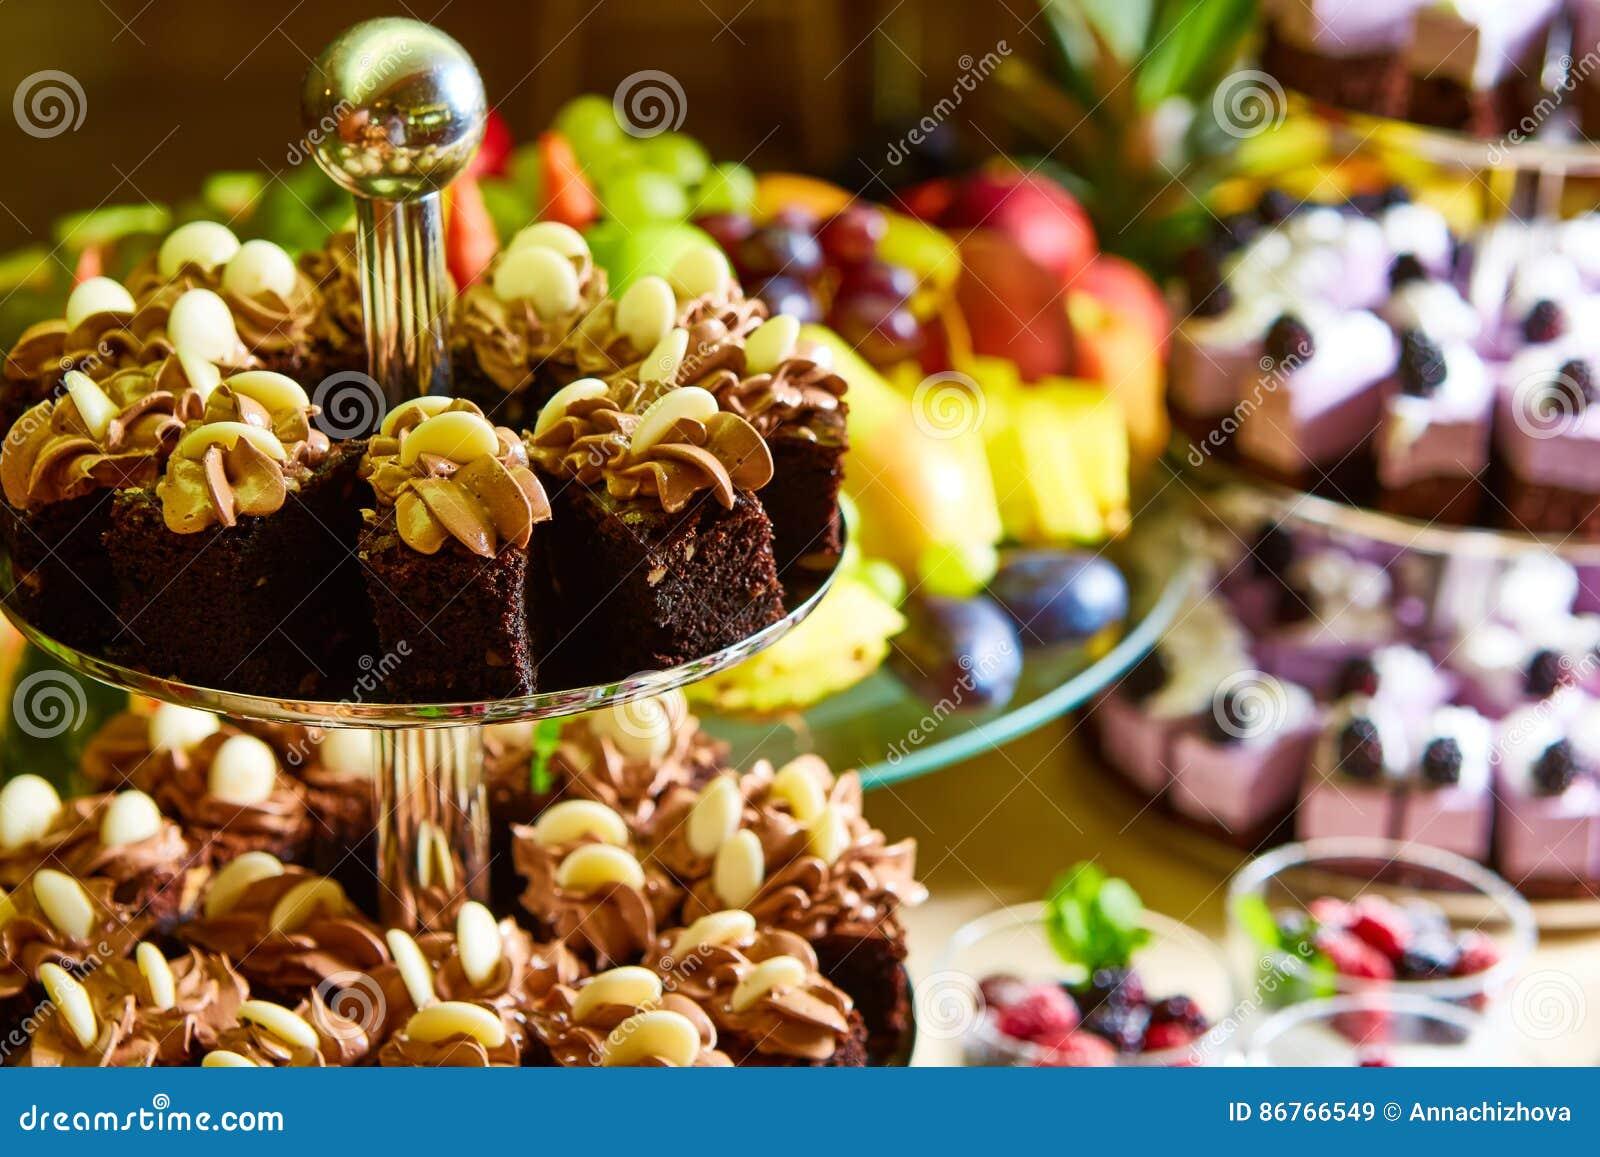 Buffet Di Dolci Per Compleanno : Specialità da preparare per una festa di compleanno